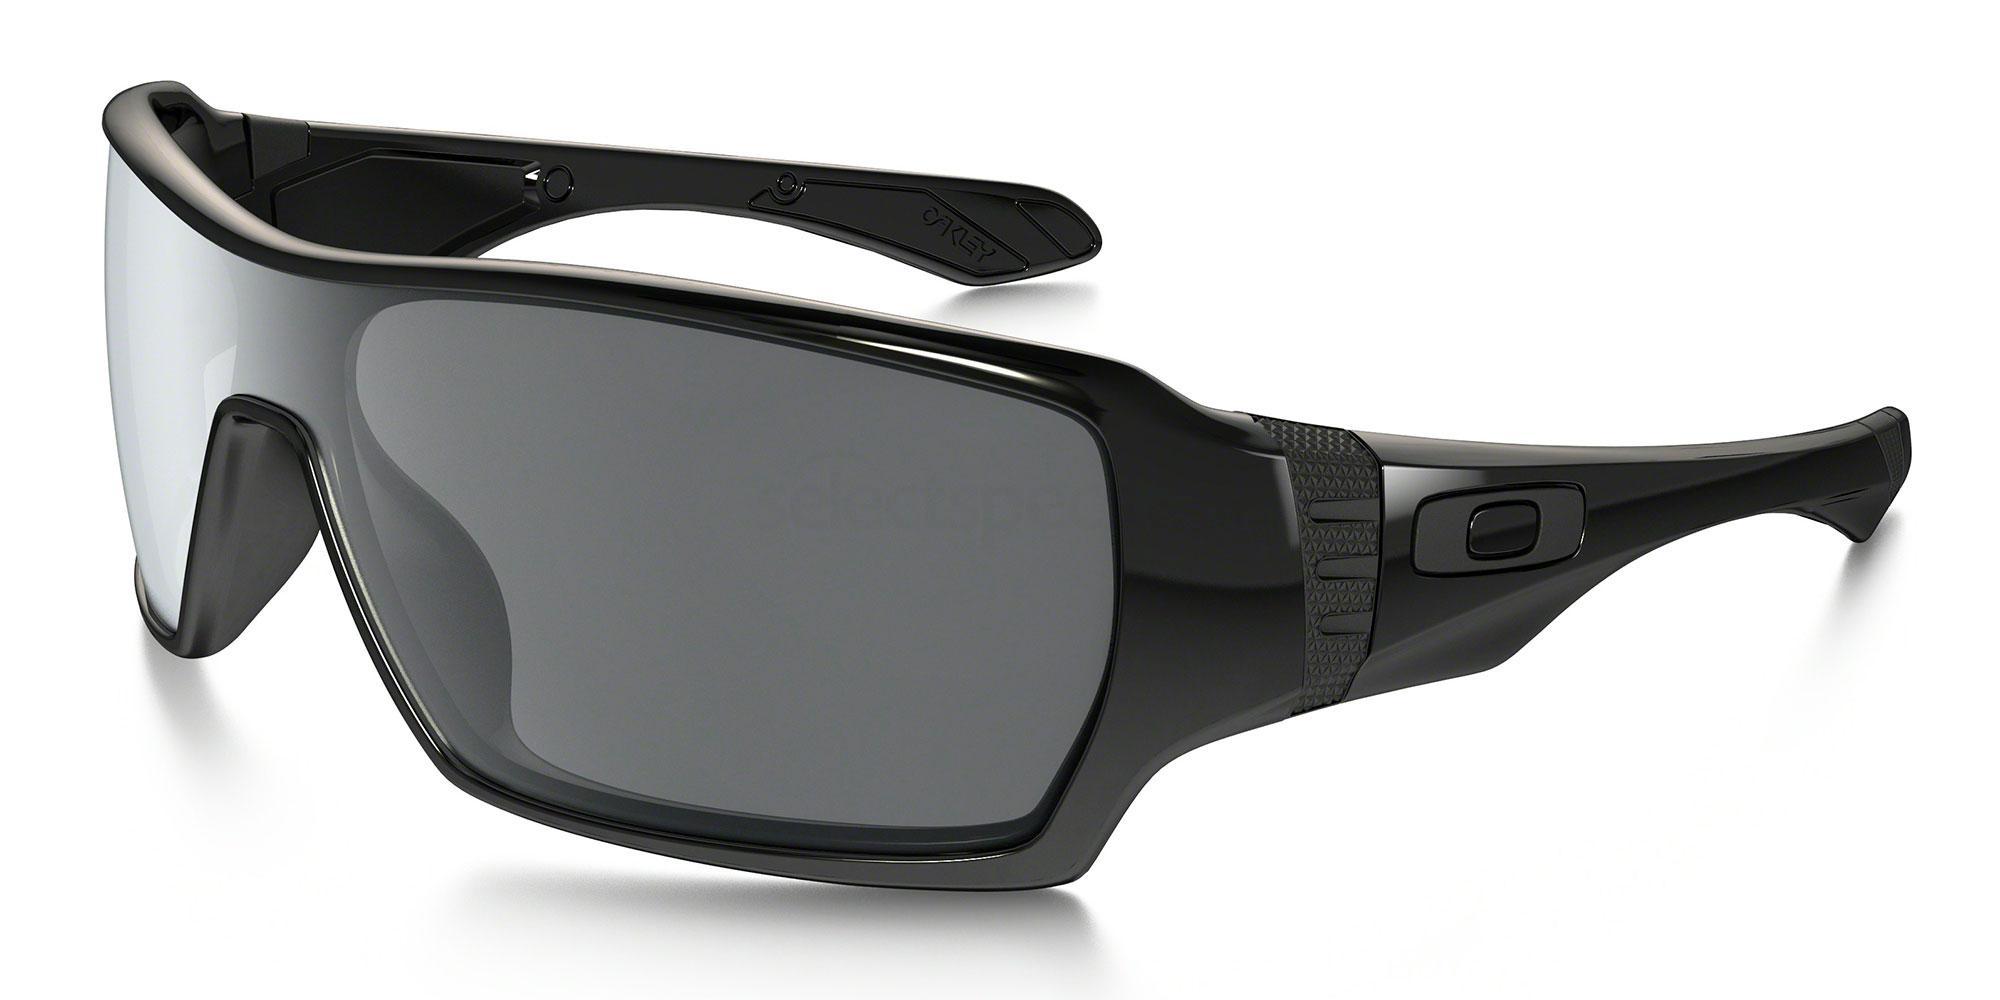 919003 OO9190 OFFSHOOT (Standard) Sunglasses, Oakley